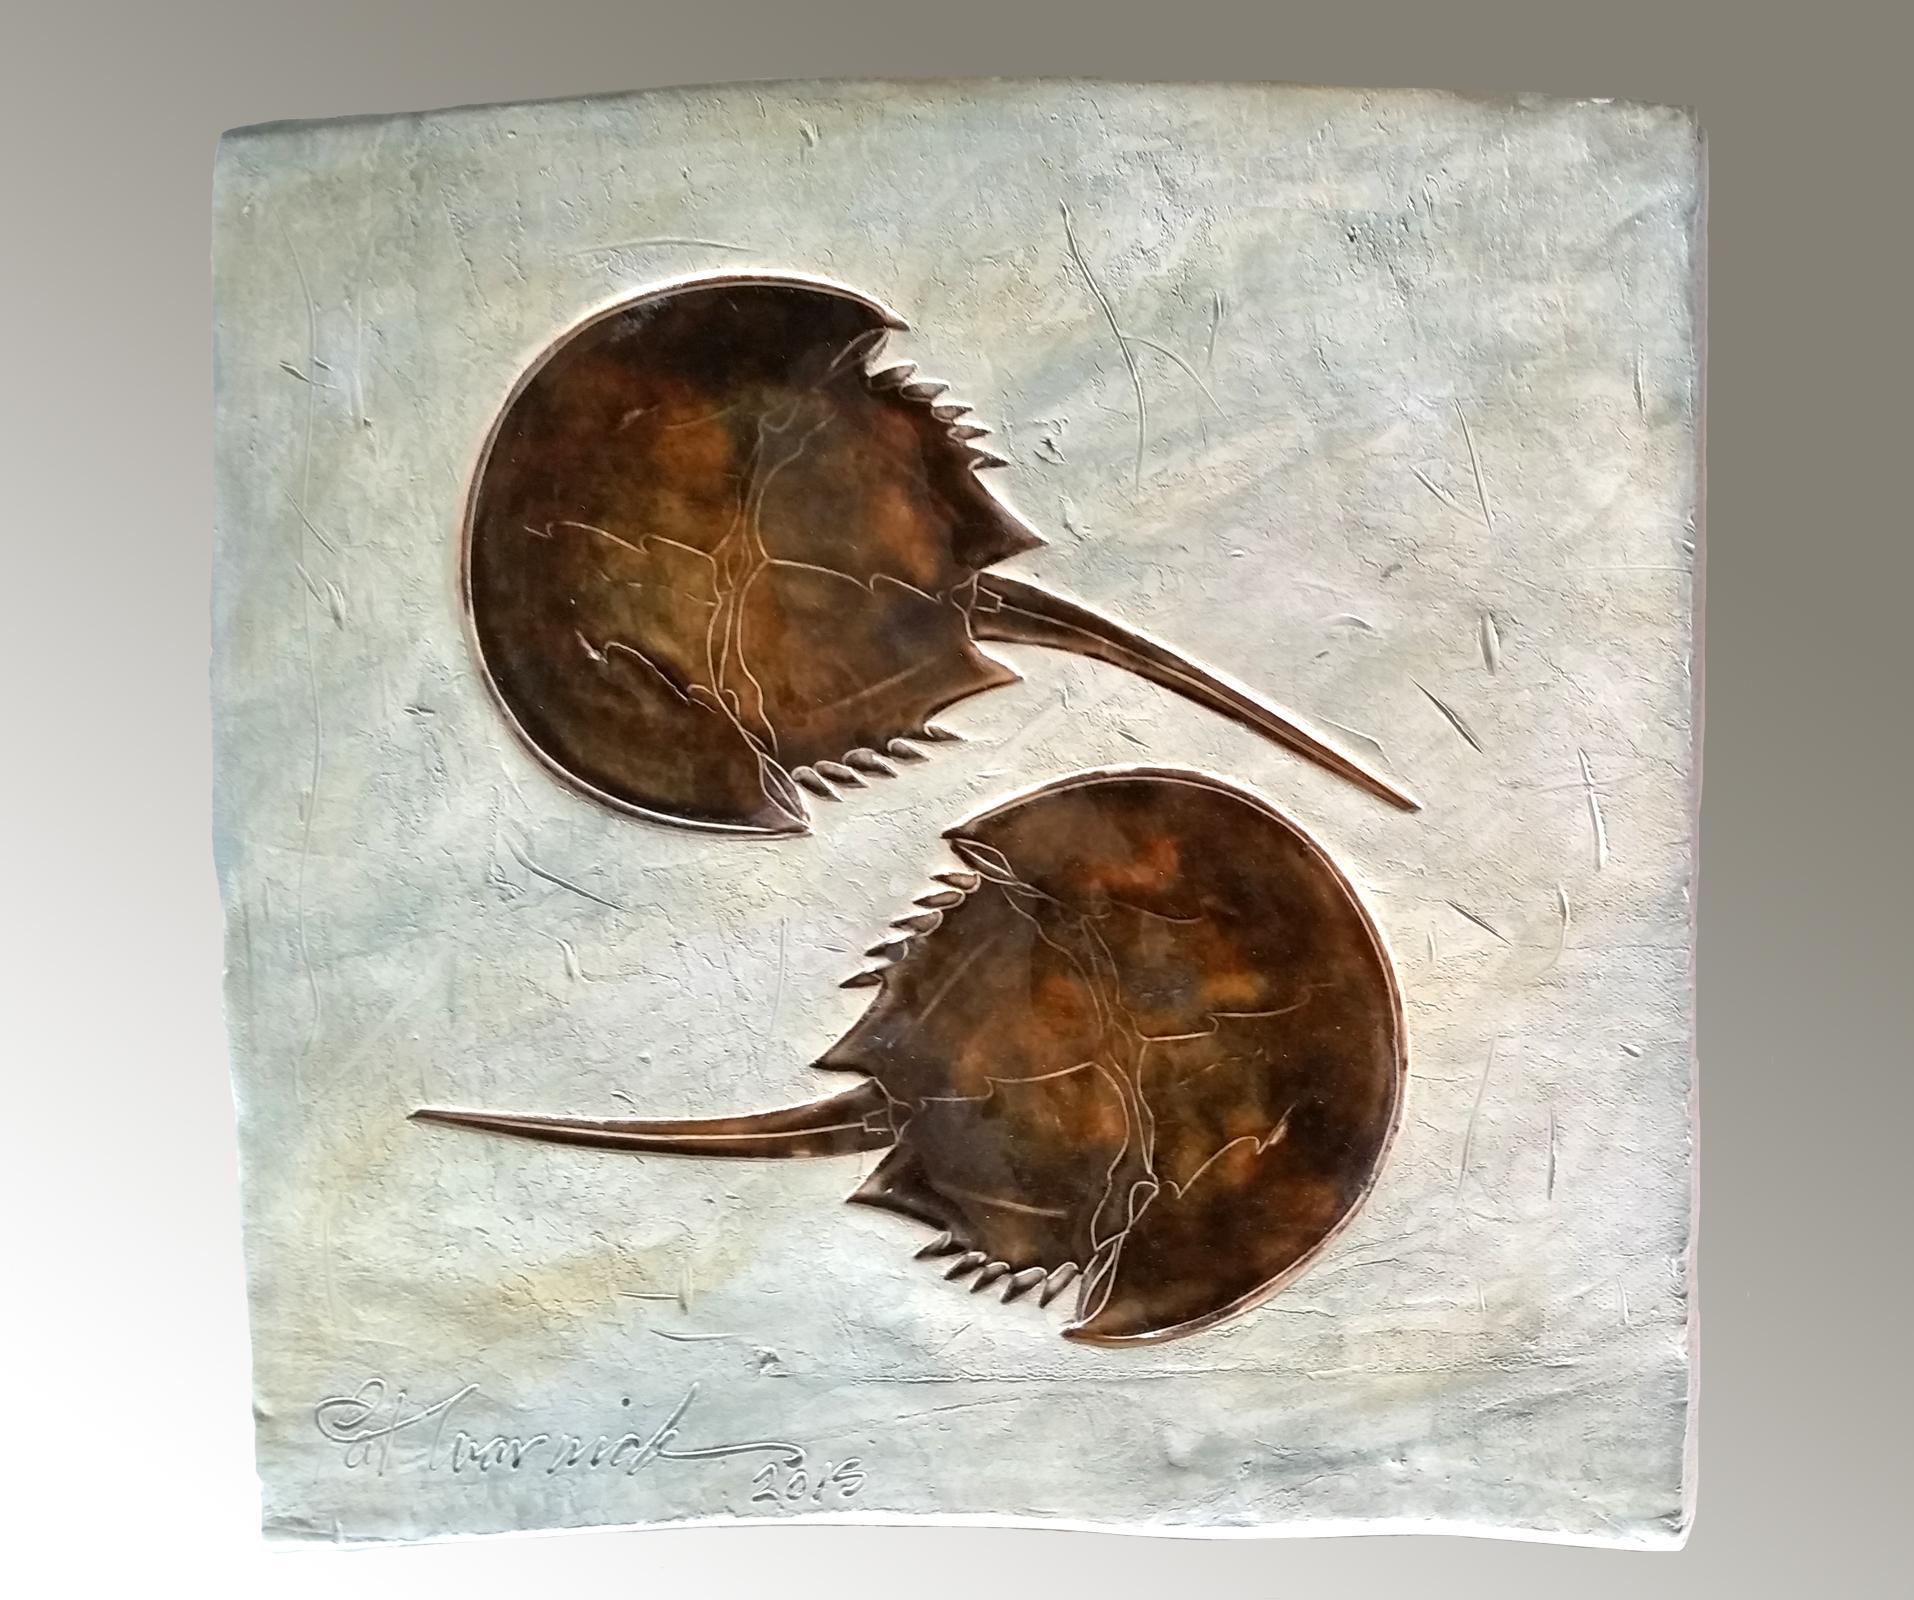 2 horseshoecrab plaque